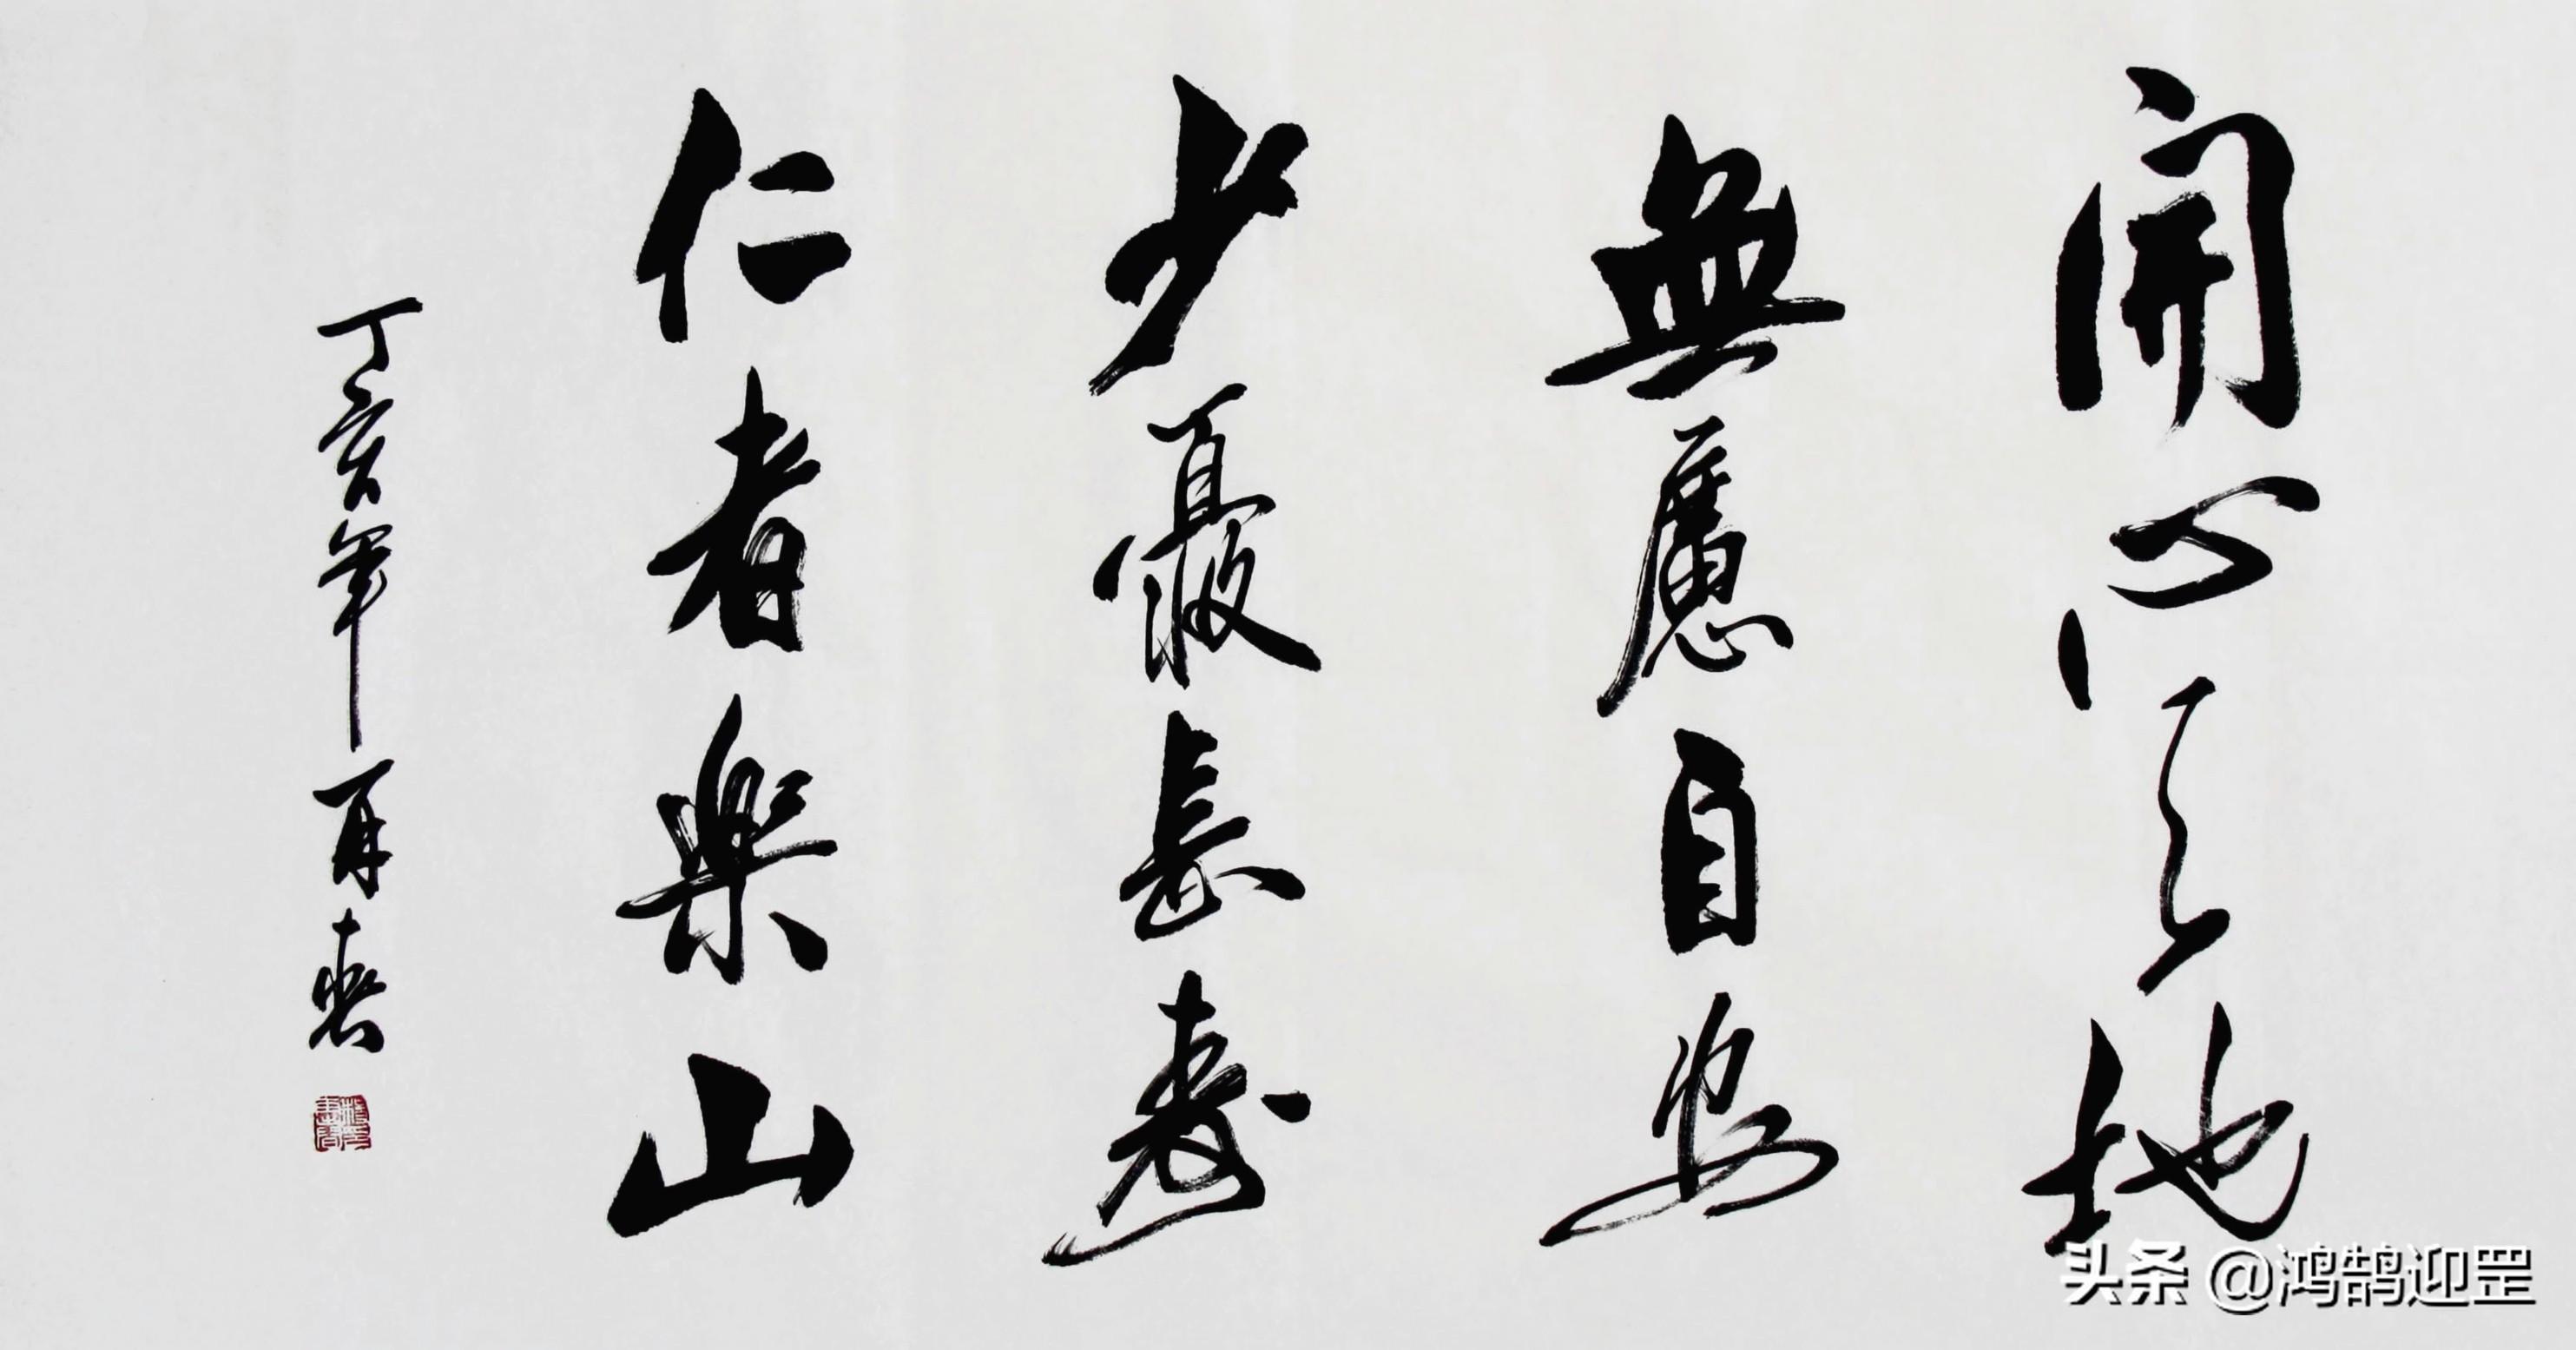 中书协元老杨再春,其书法曾经风靡一时,为何现在风光不再?